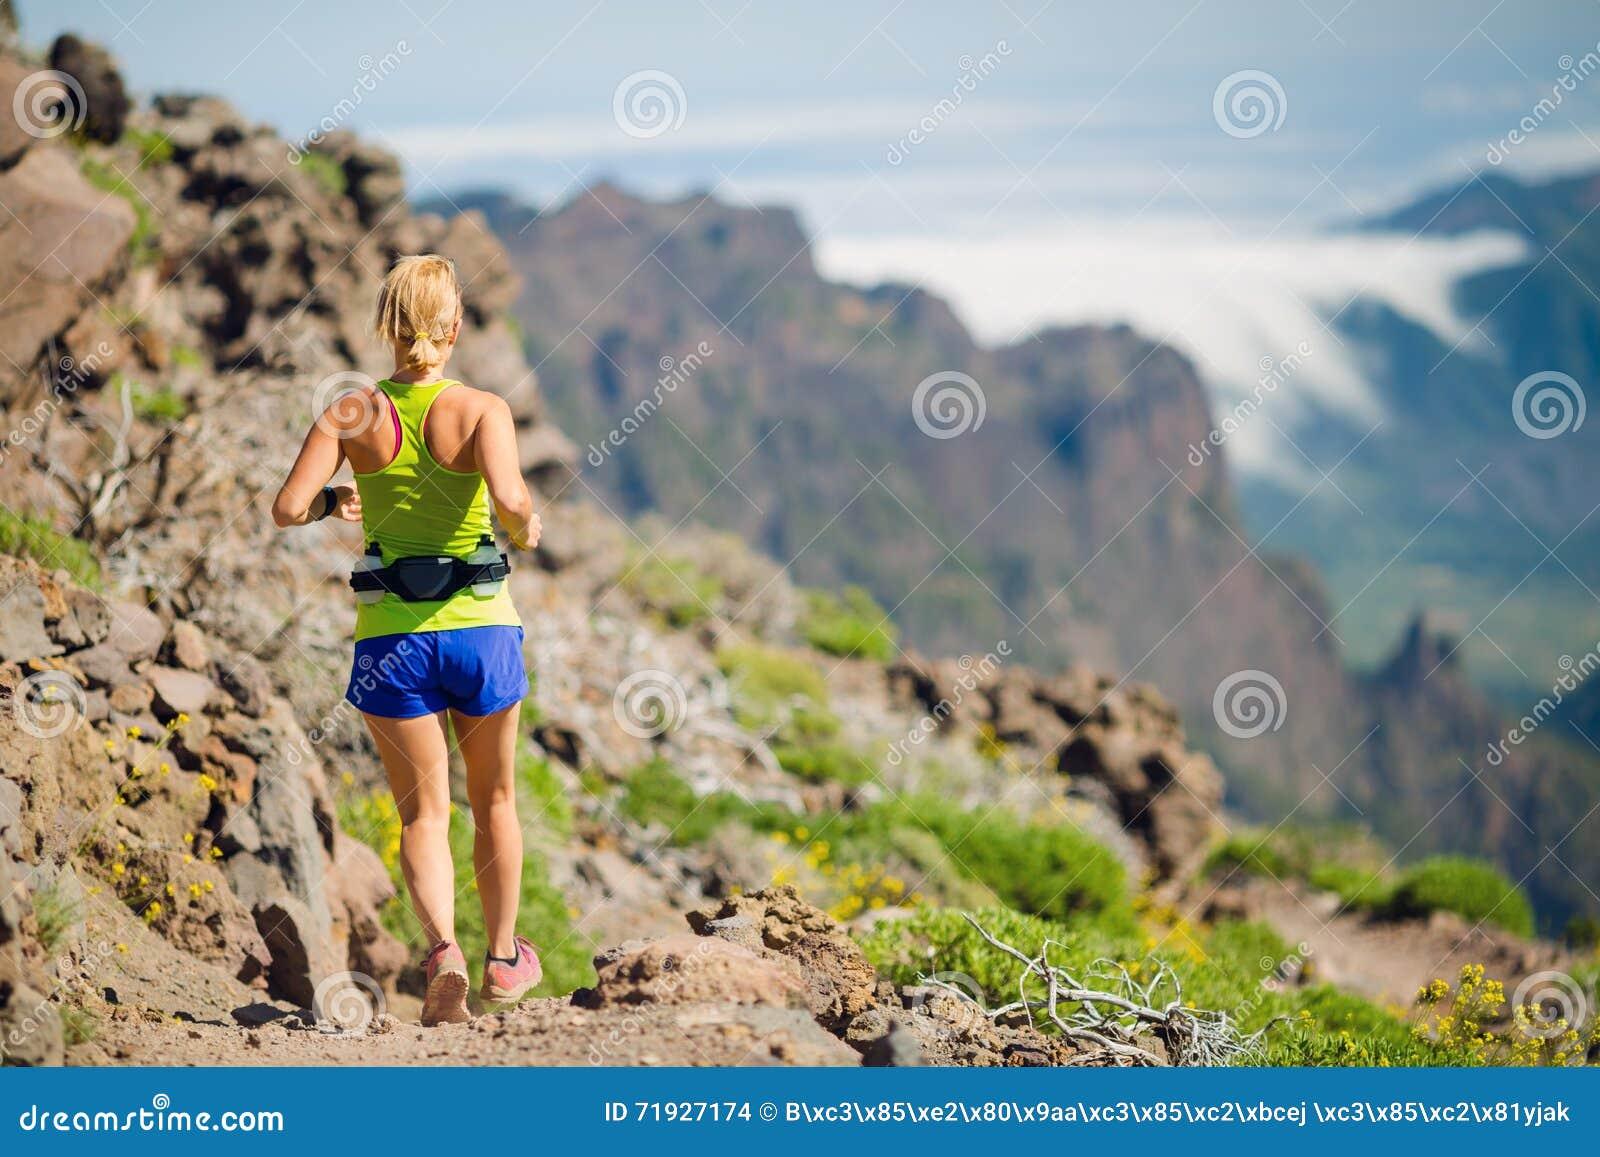 Молодая женщина бежать в горах на летний день